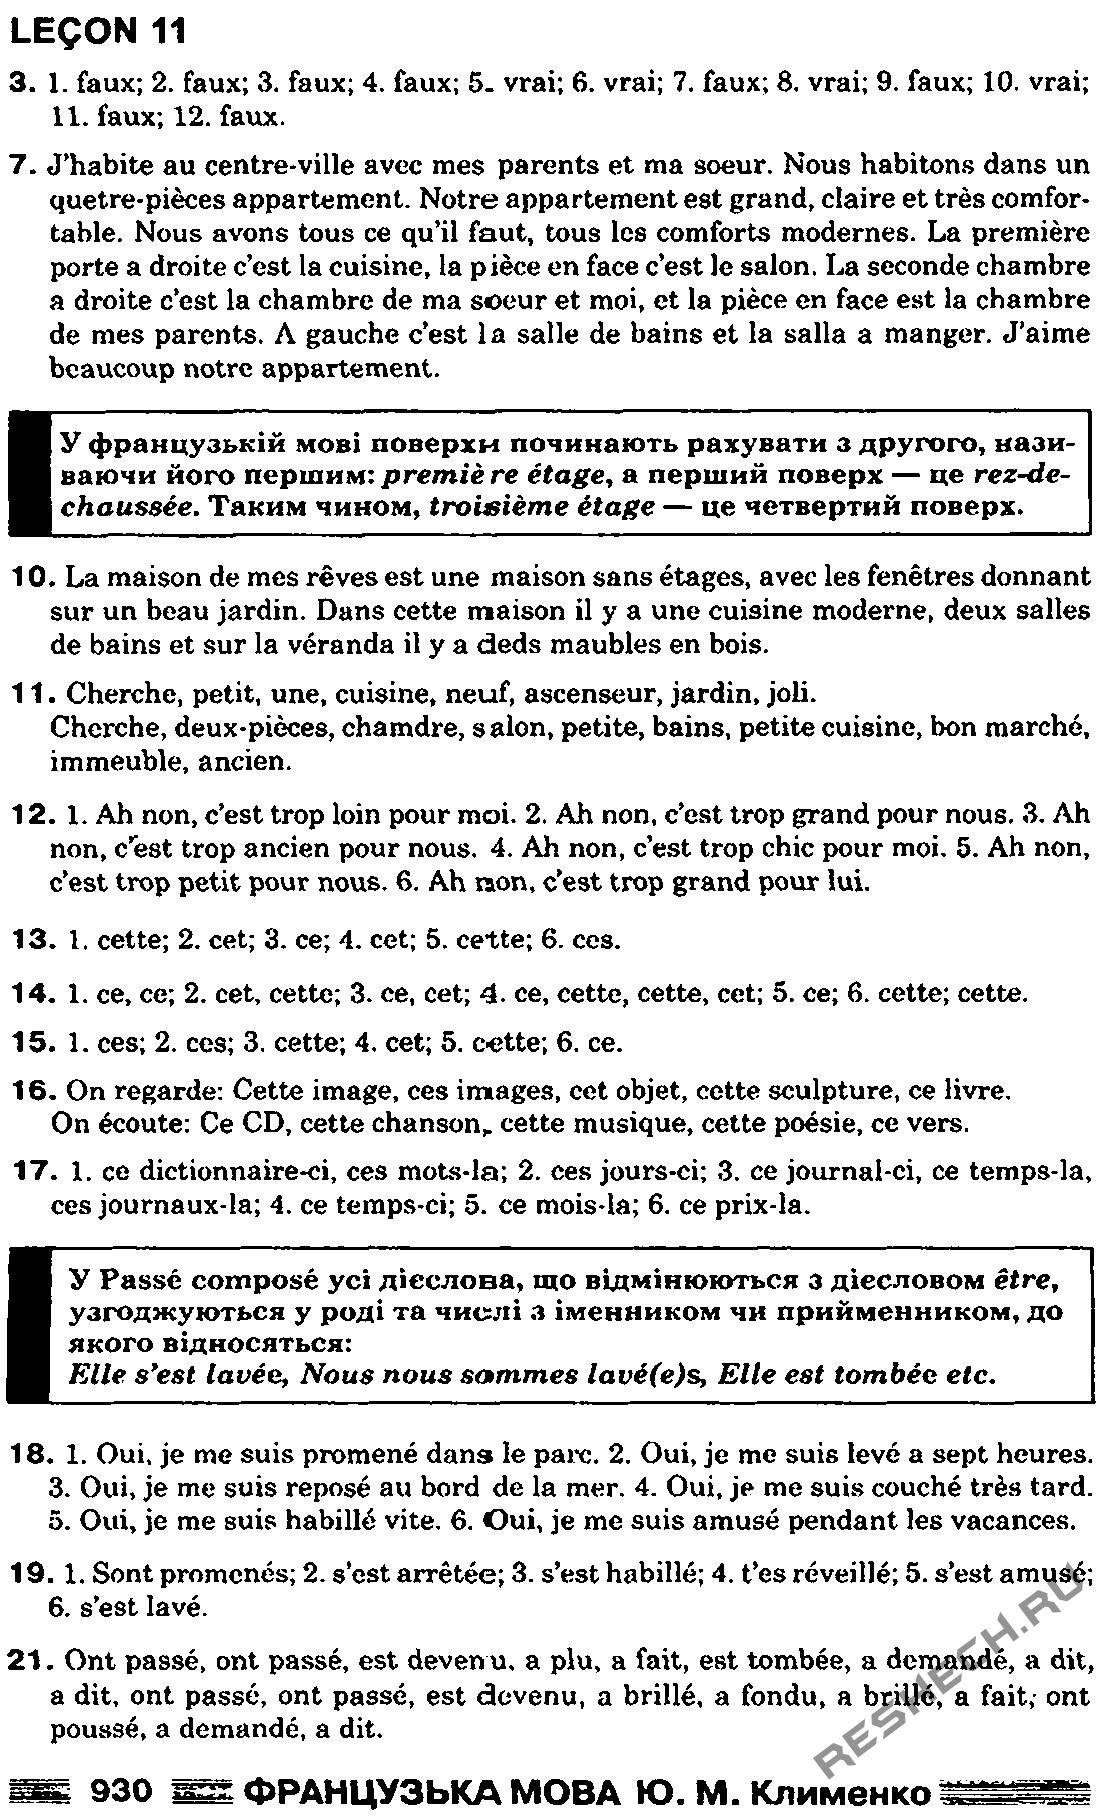 Учебник по французскому языку 7 класс клименко юрий